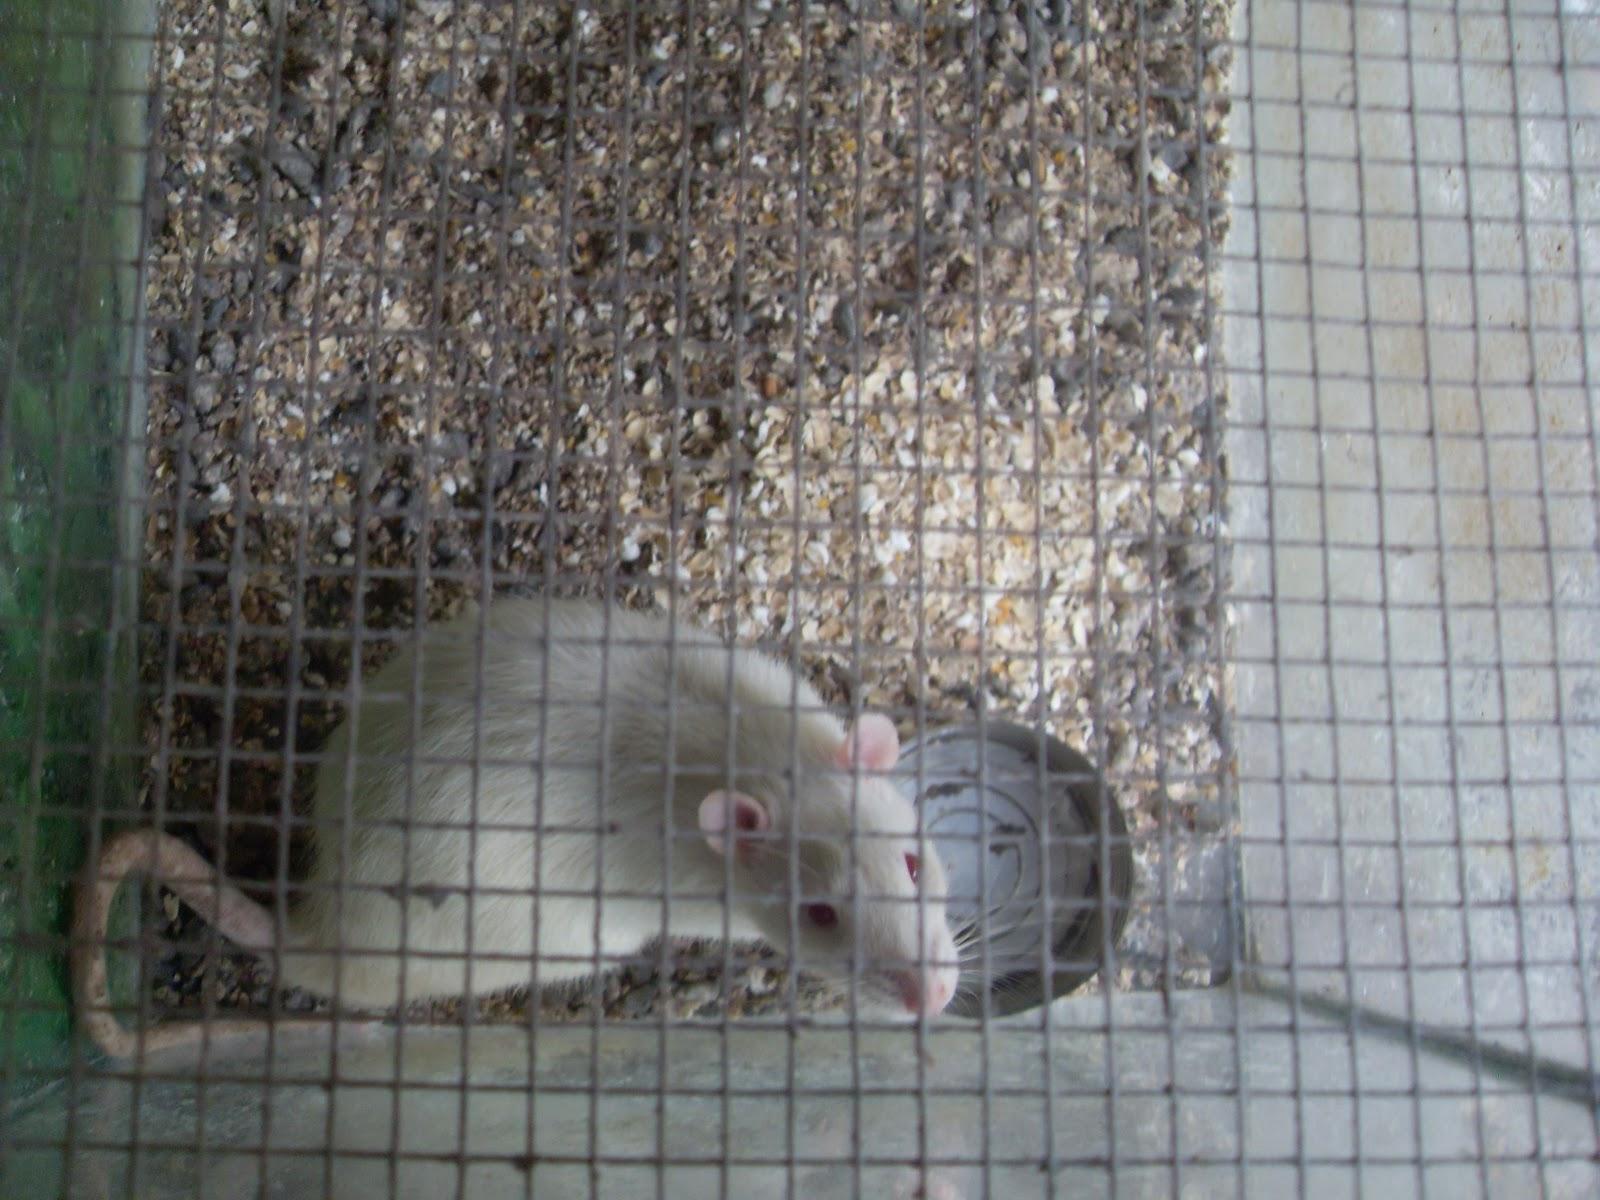 Malaysia, Penang~~Hamster For Wholesale and Sale 售賣倉鼠: 白老鼠出售,Tikus Putih untuk dijual